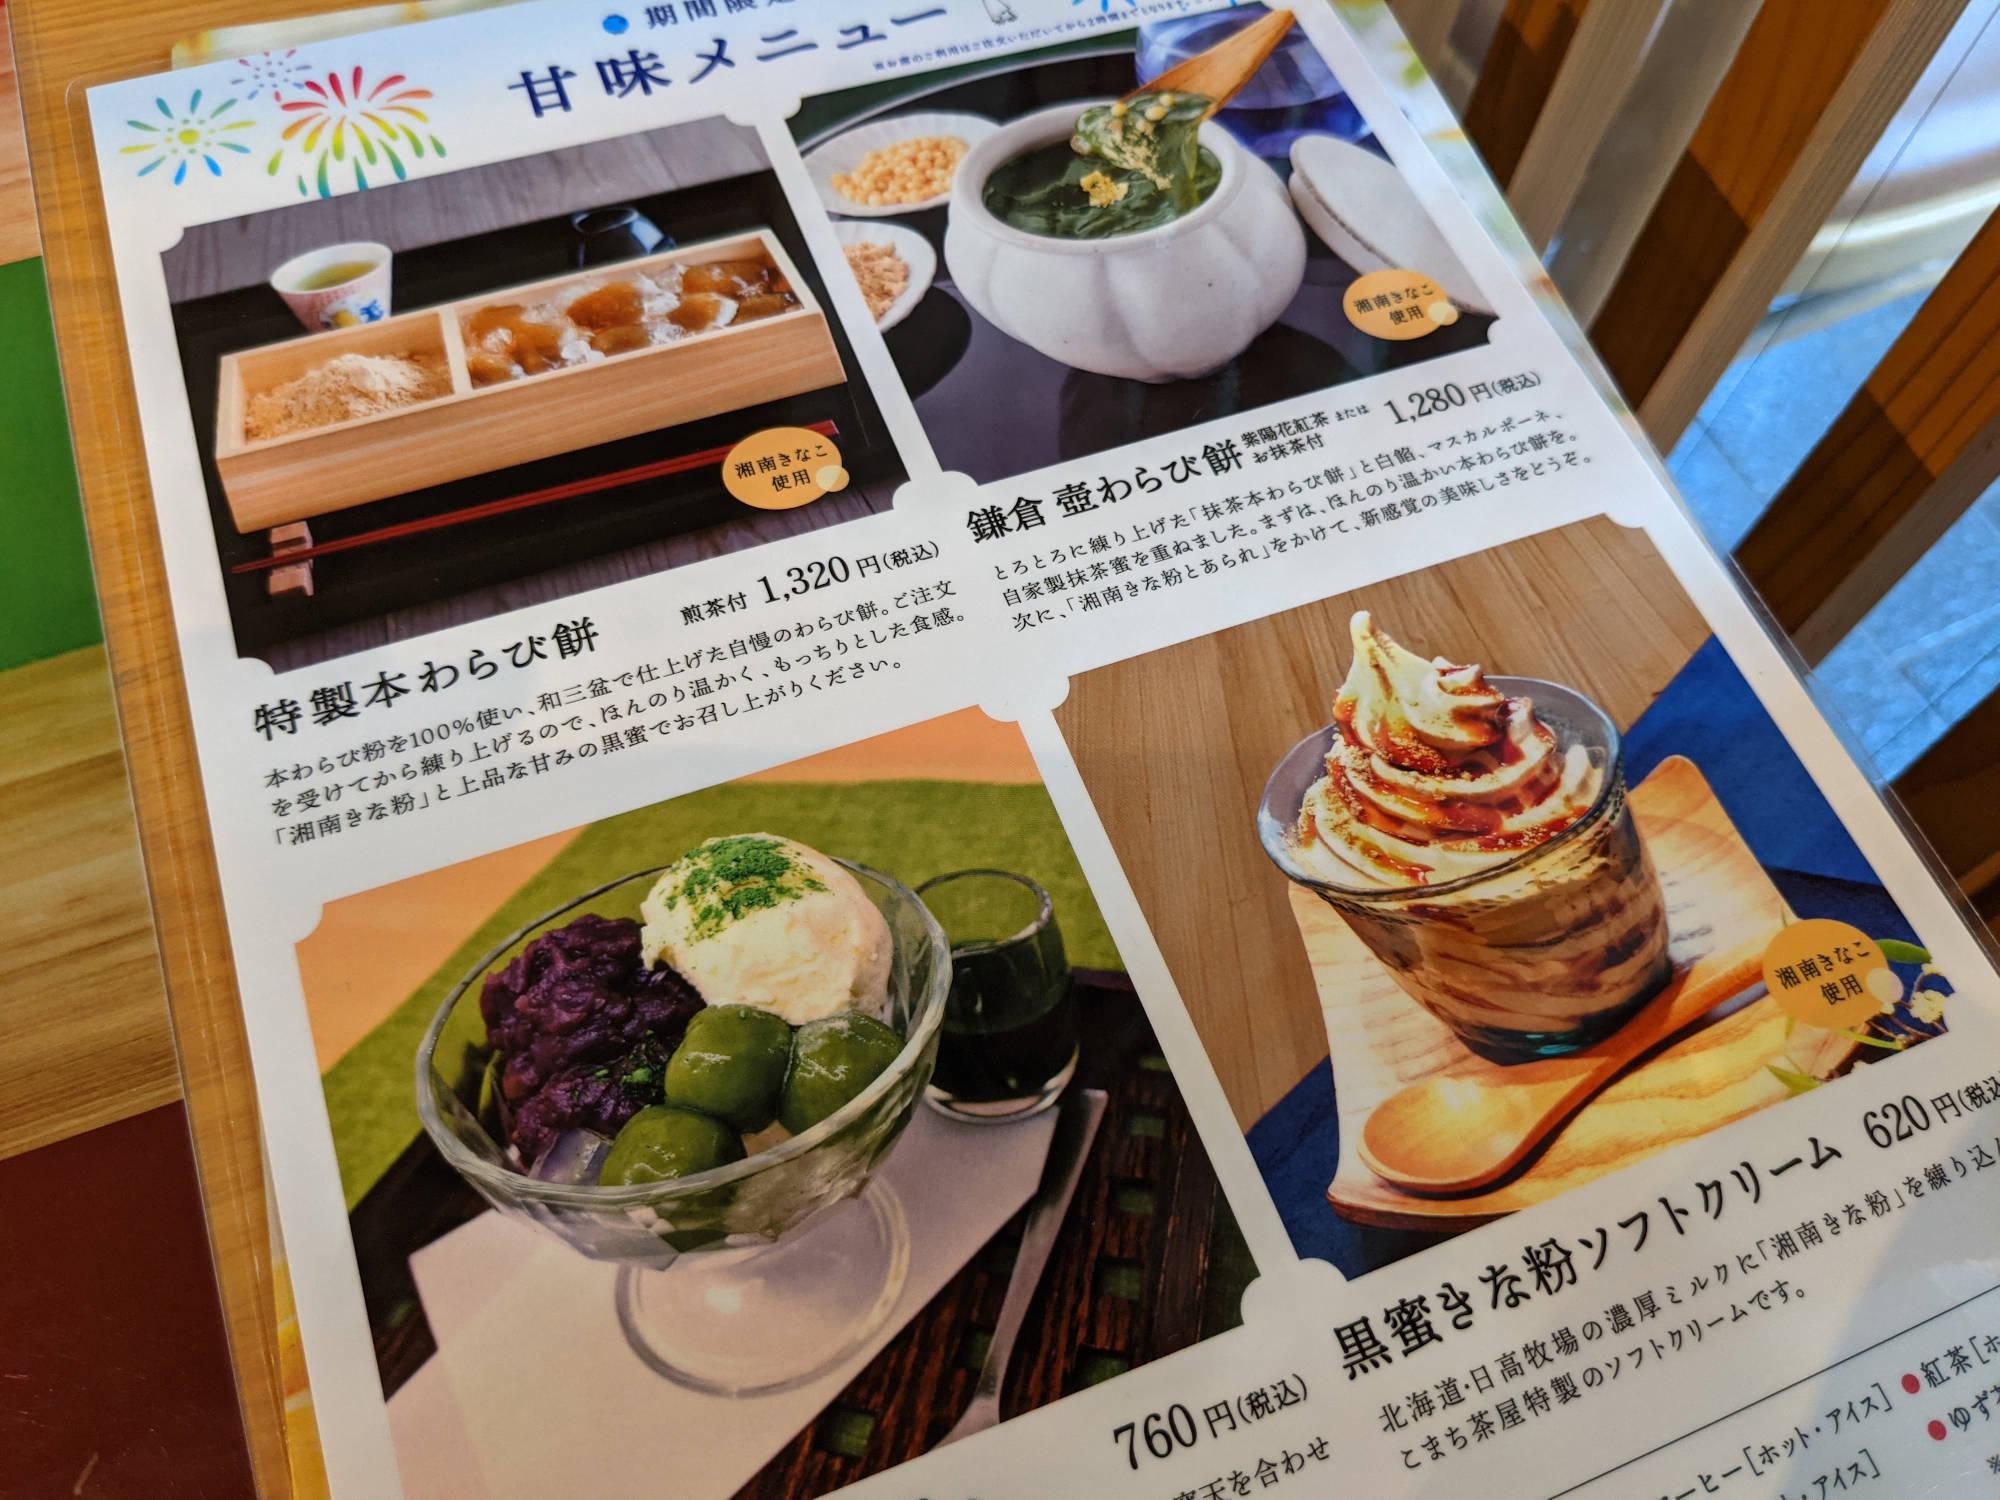 【鎌倉】こまち茶屋のメニュー